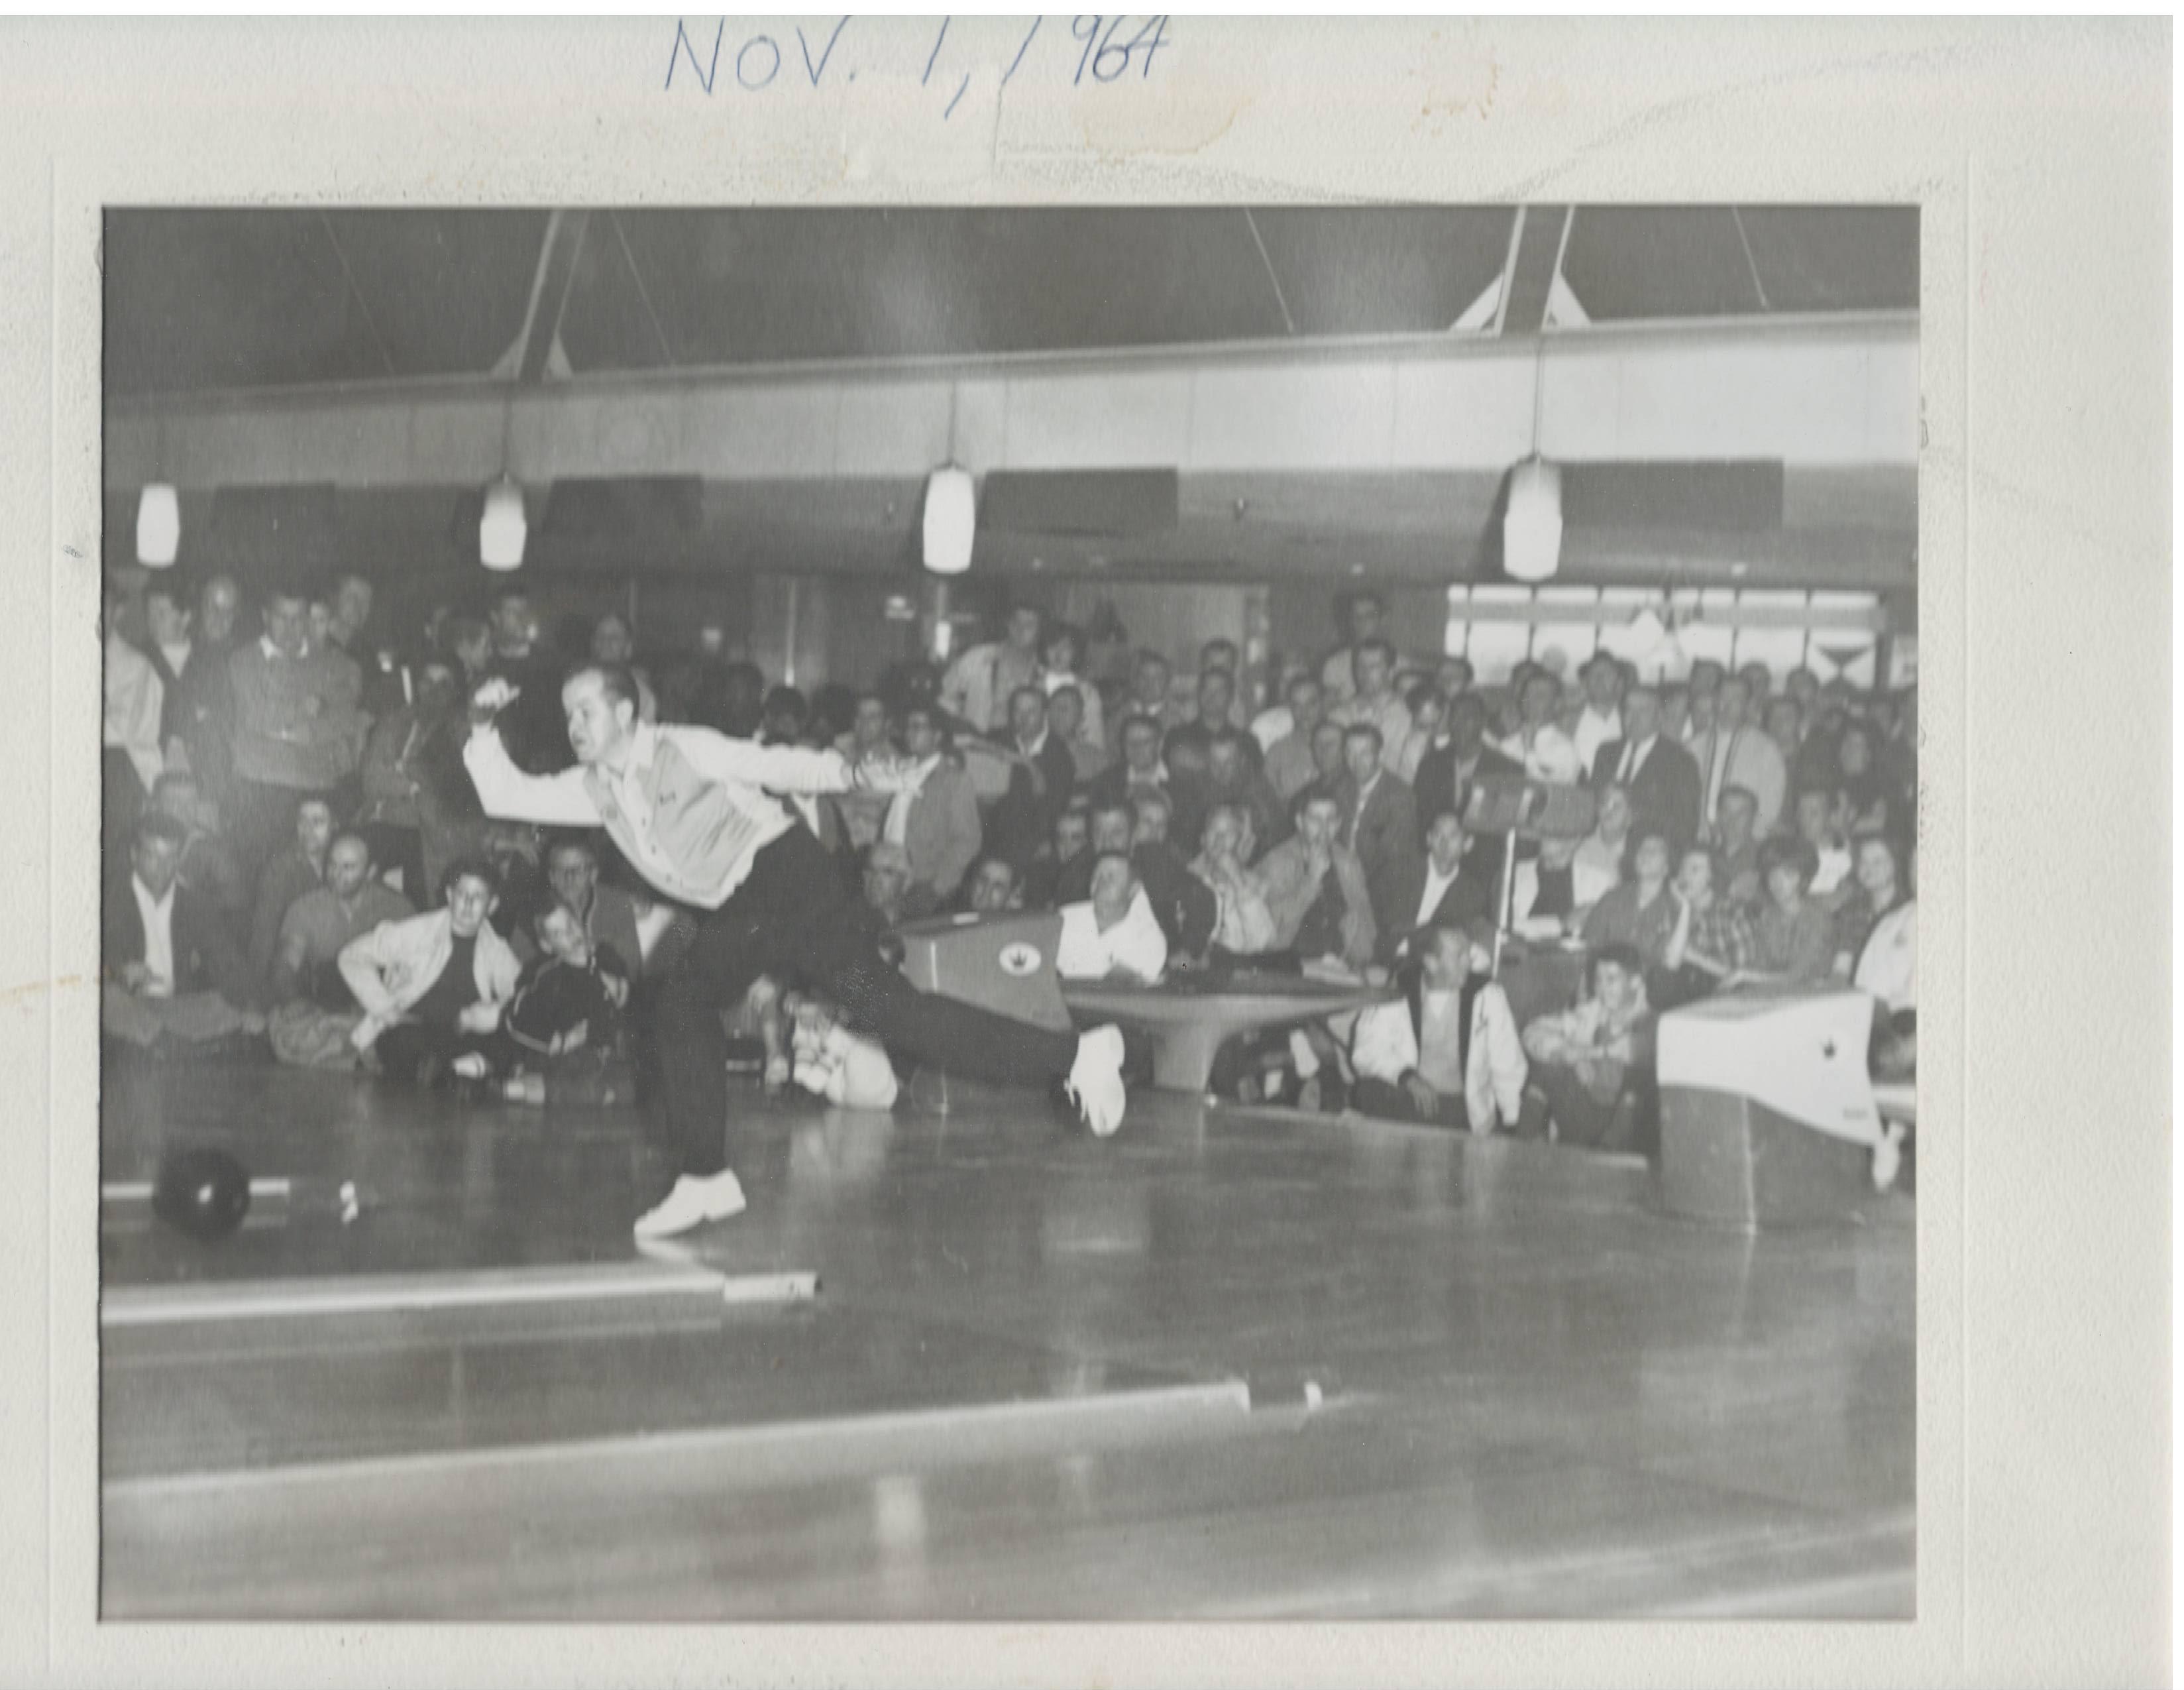 Westgate Nov 1 1964 1